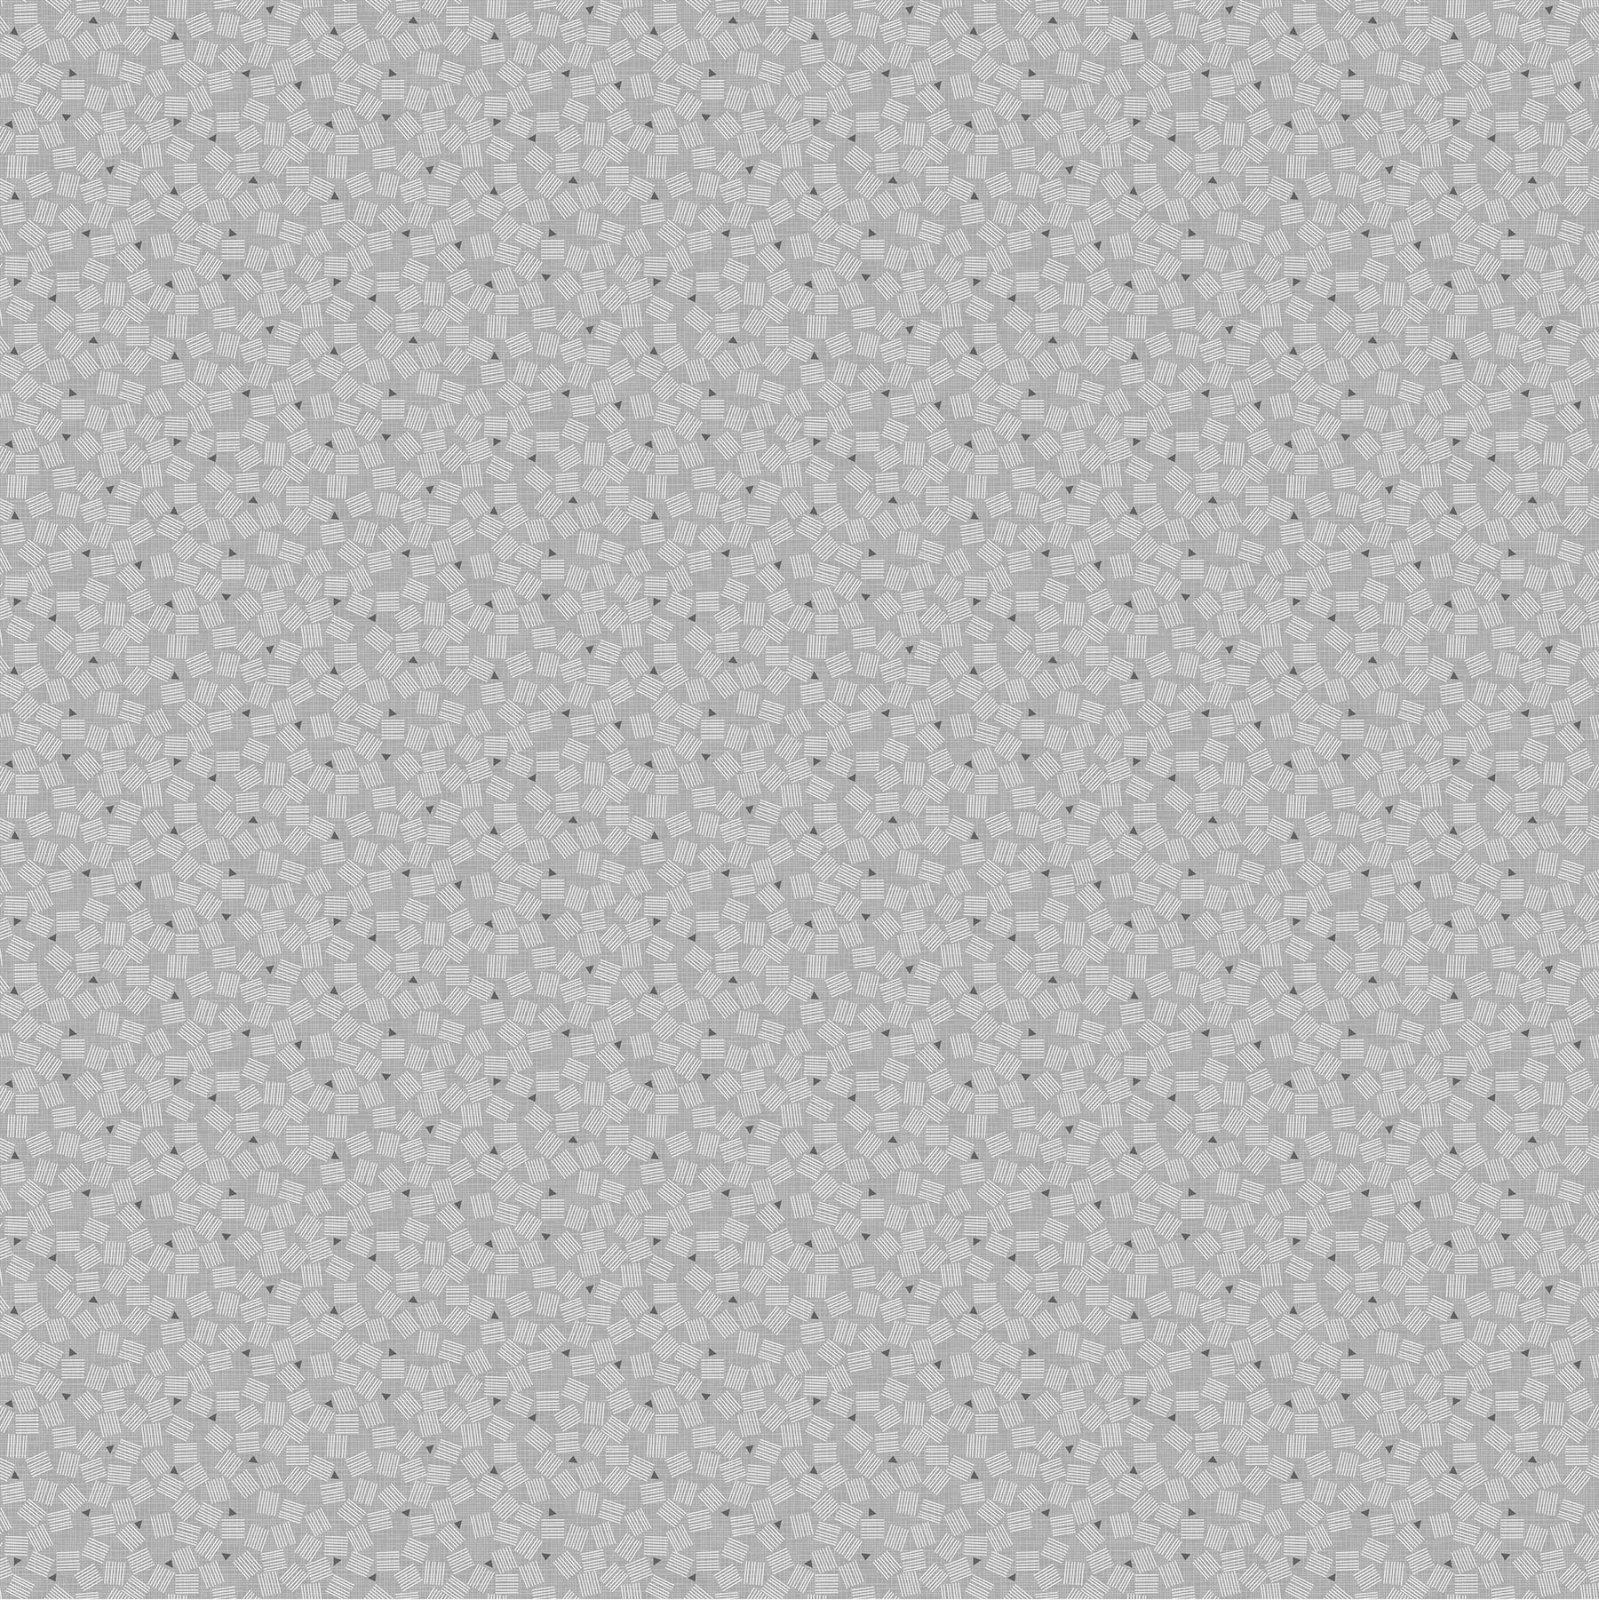 Cosmo Oxygen - Triangle Square